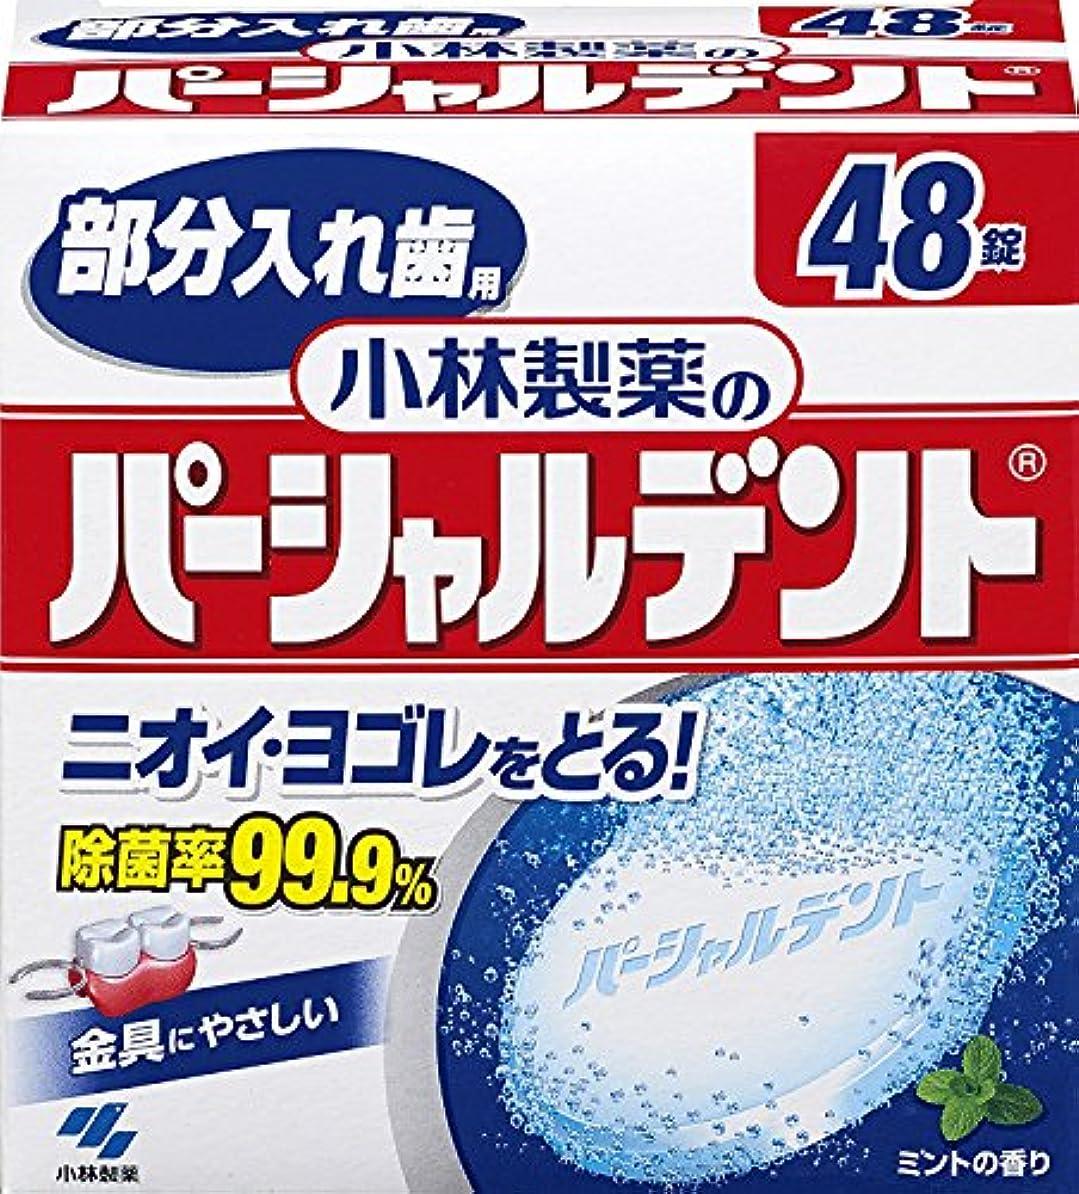 潮将来の北東小林製薬のパーシャルデント 部分入れ歯用 洗浄剤 ミントの香 48錠